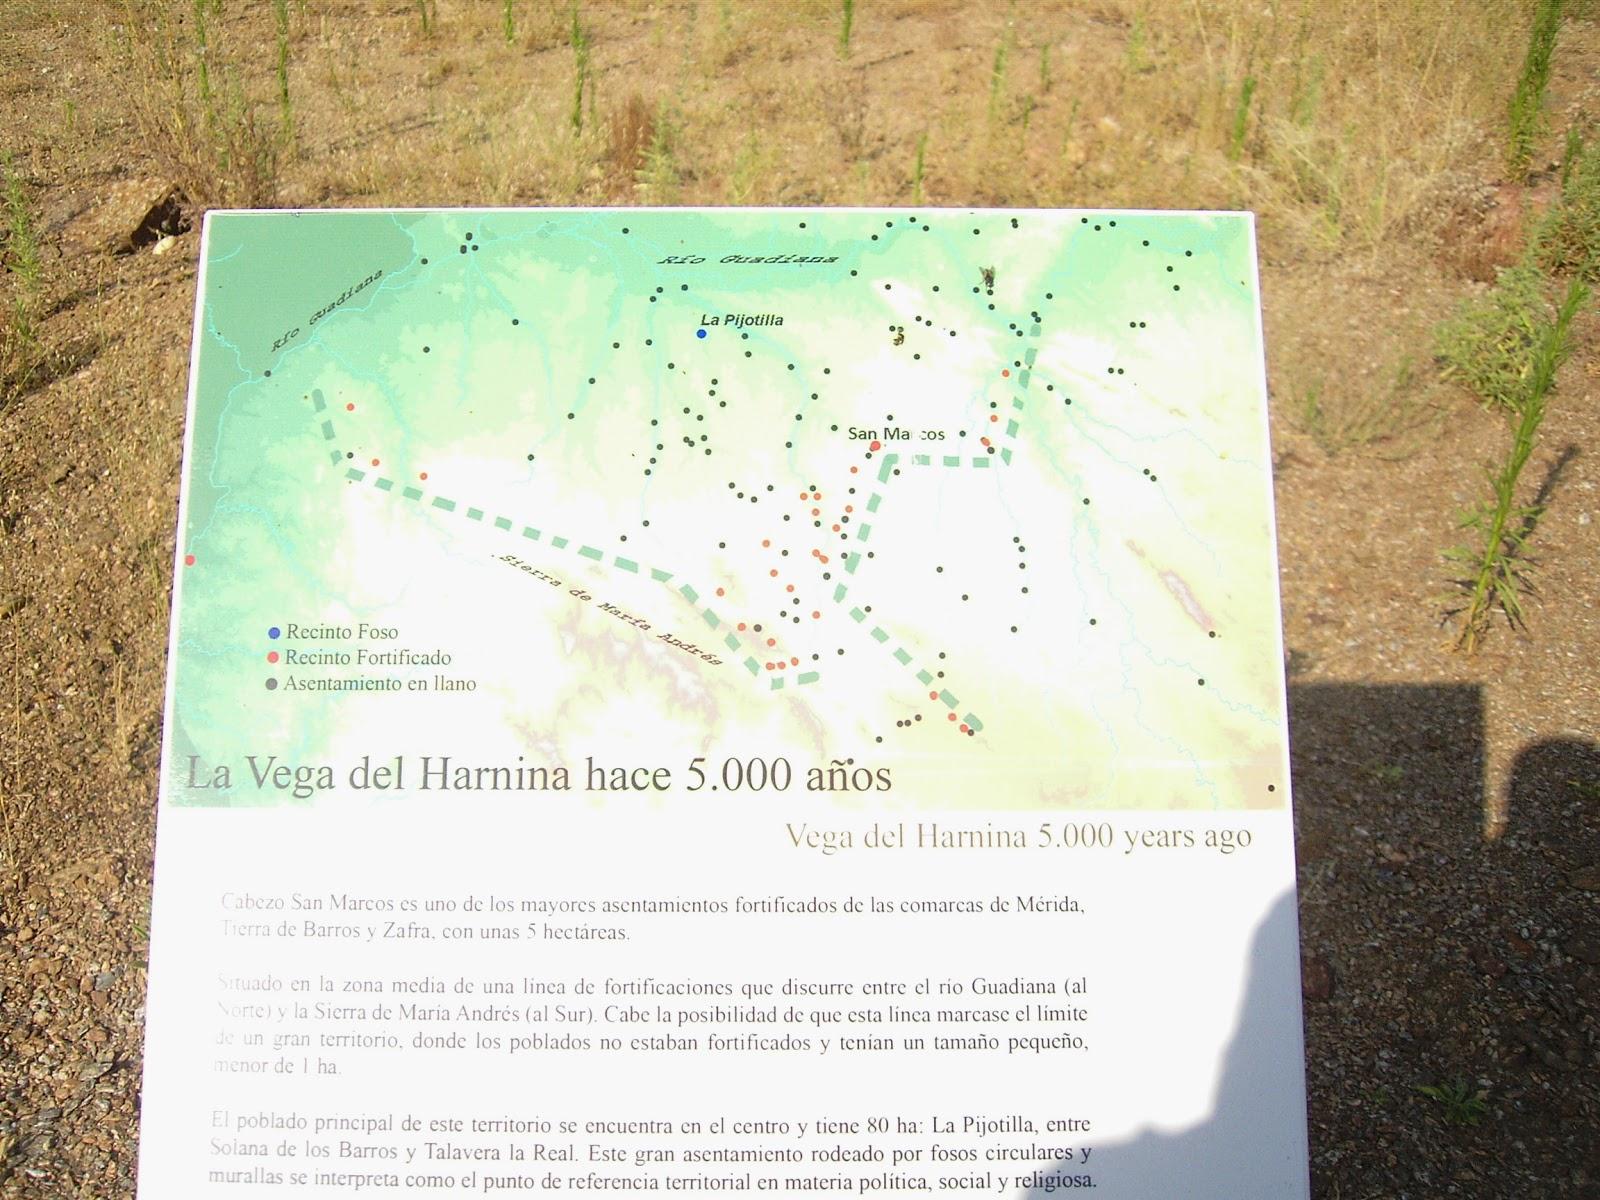 PEQUEÑA ARQUEOLOGÍA: Cabezo de San Marcos, en Almendralejo